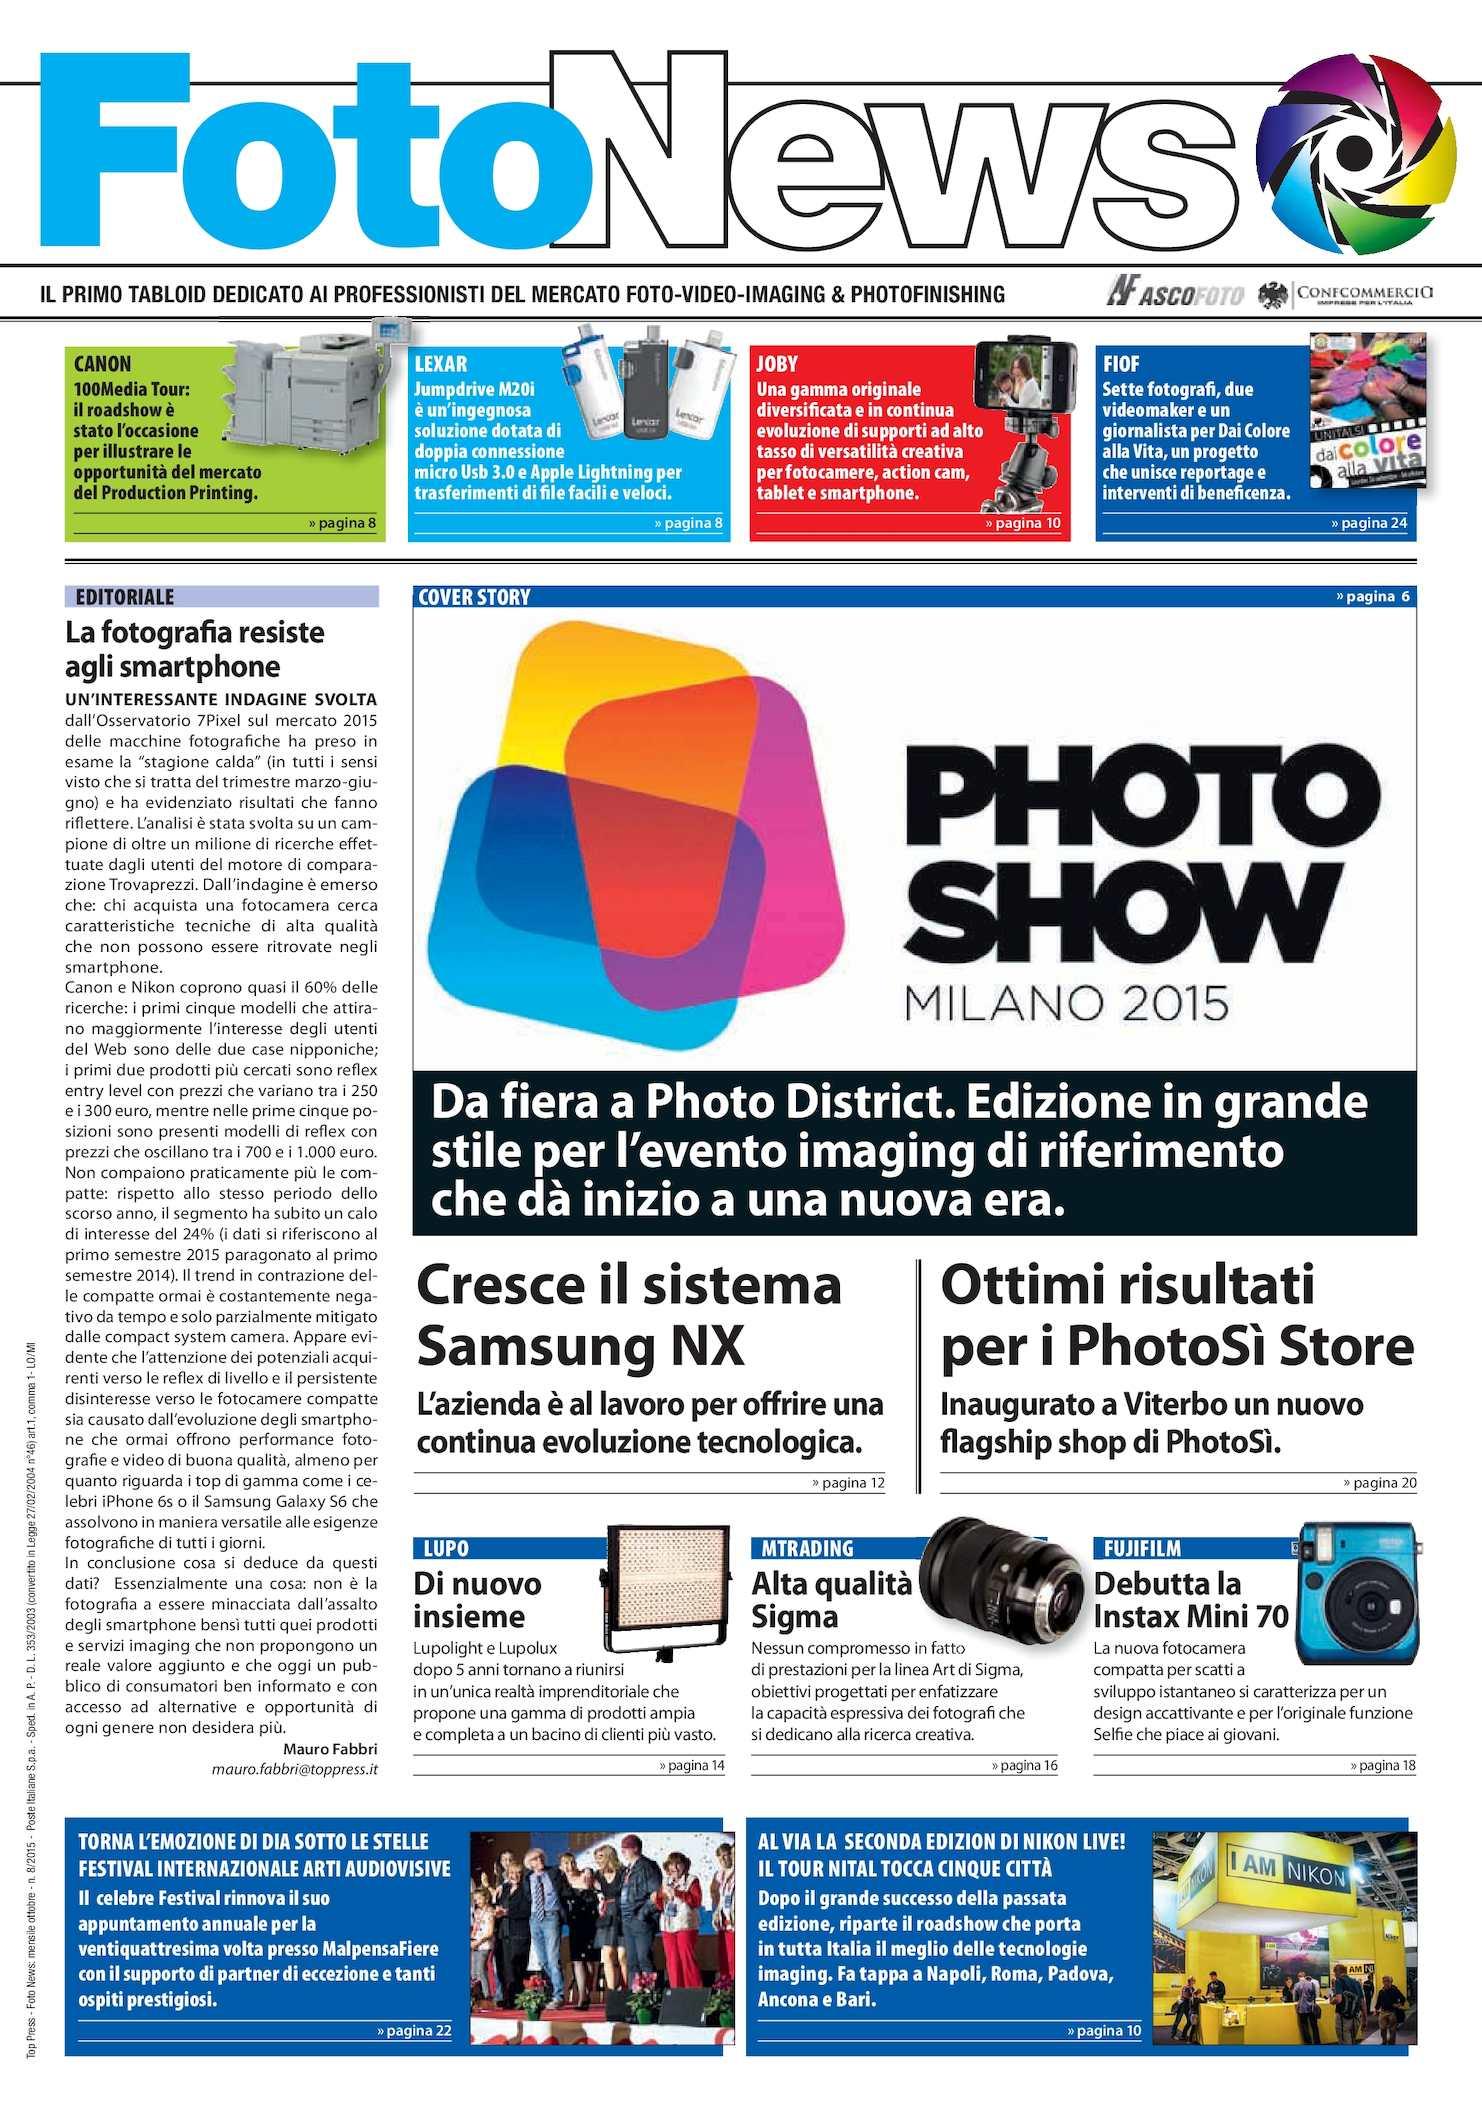 Fotonews 08/2015